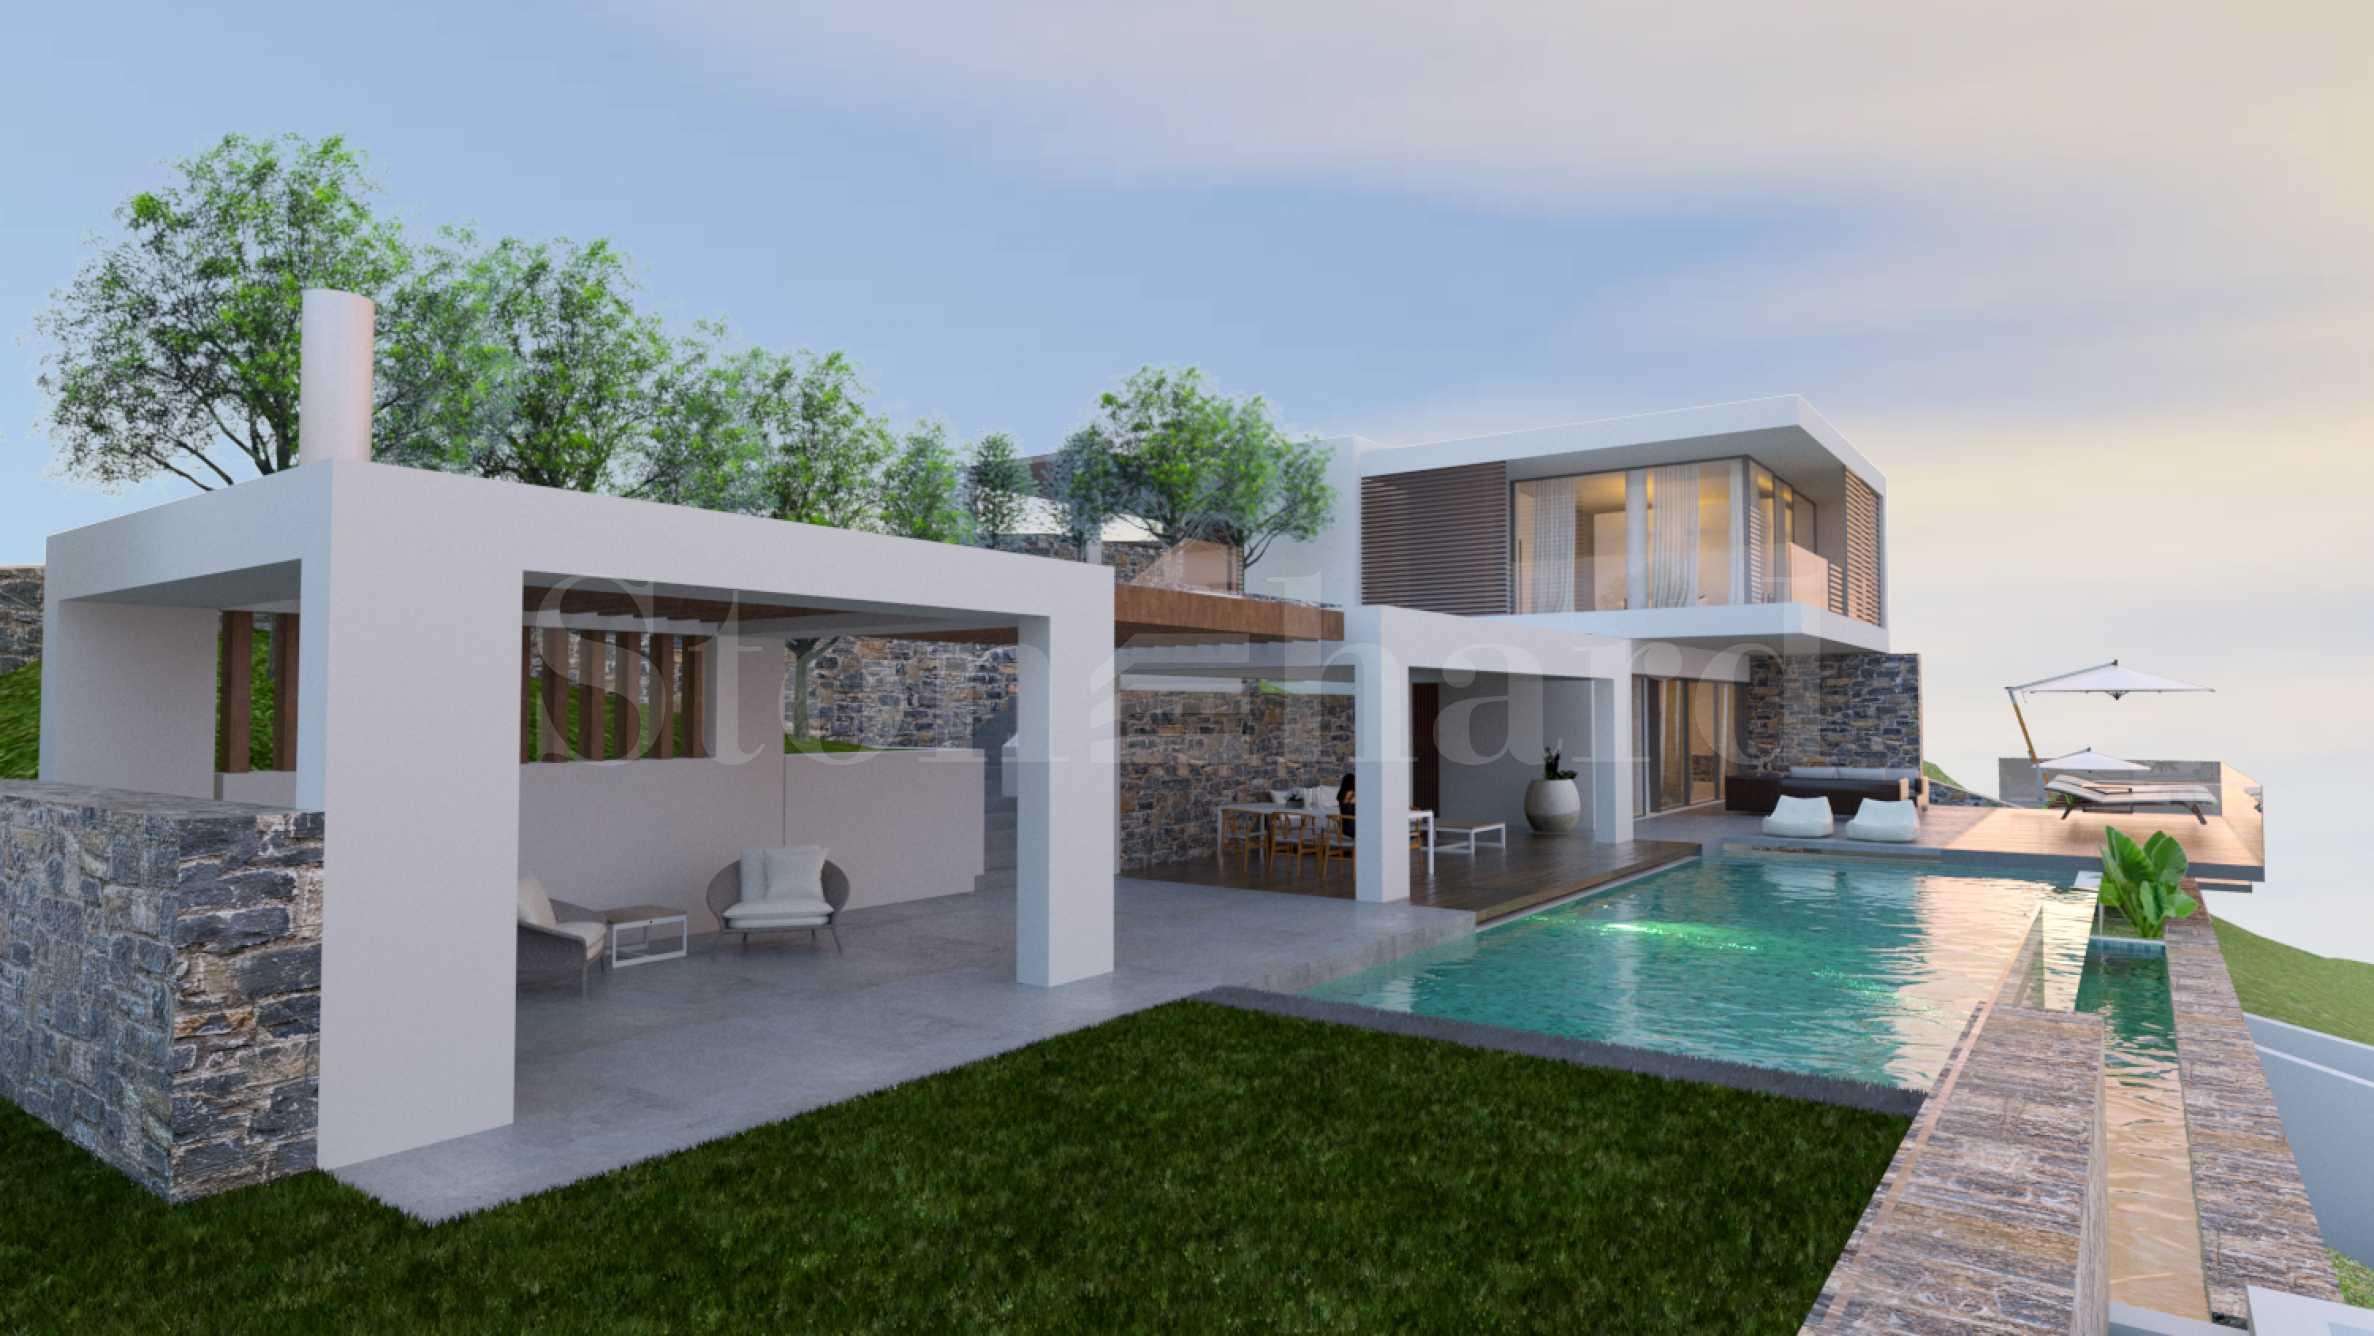 Луксозни вили ново строителство, 1-ва линия на морето на о-в Крит1 - Stonehard